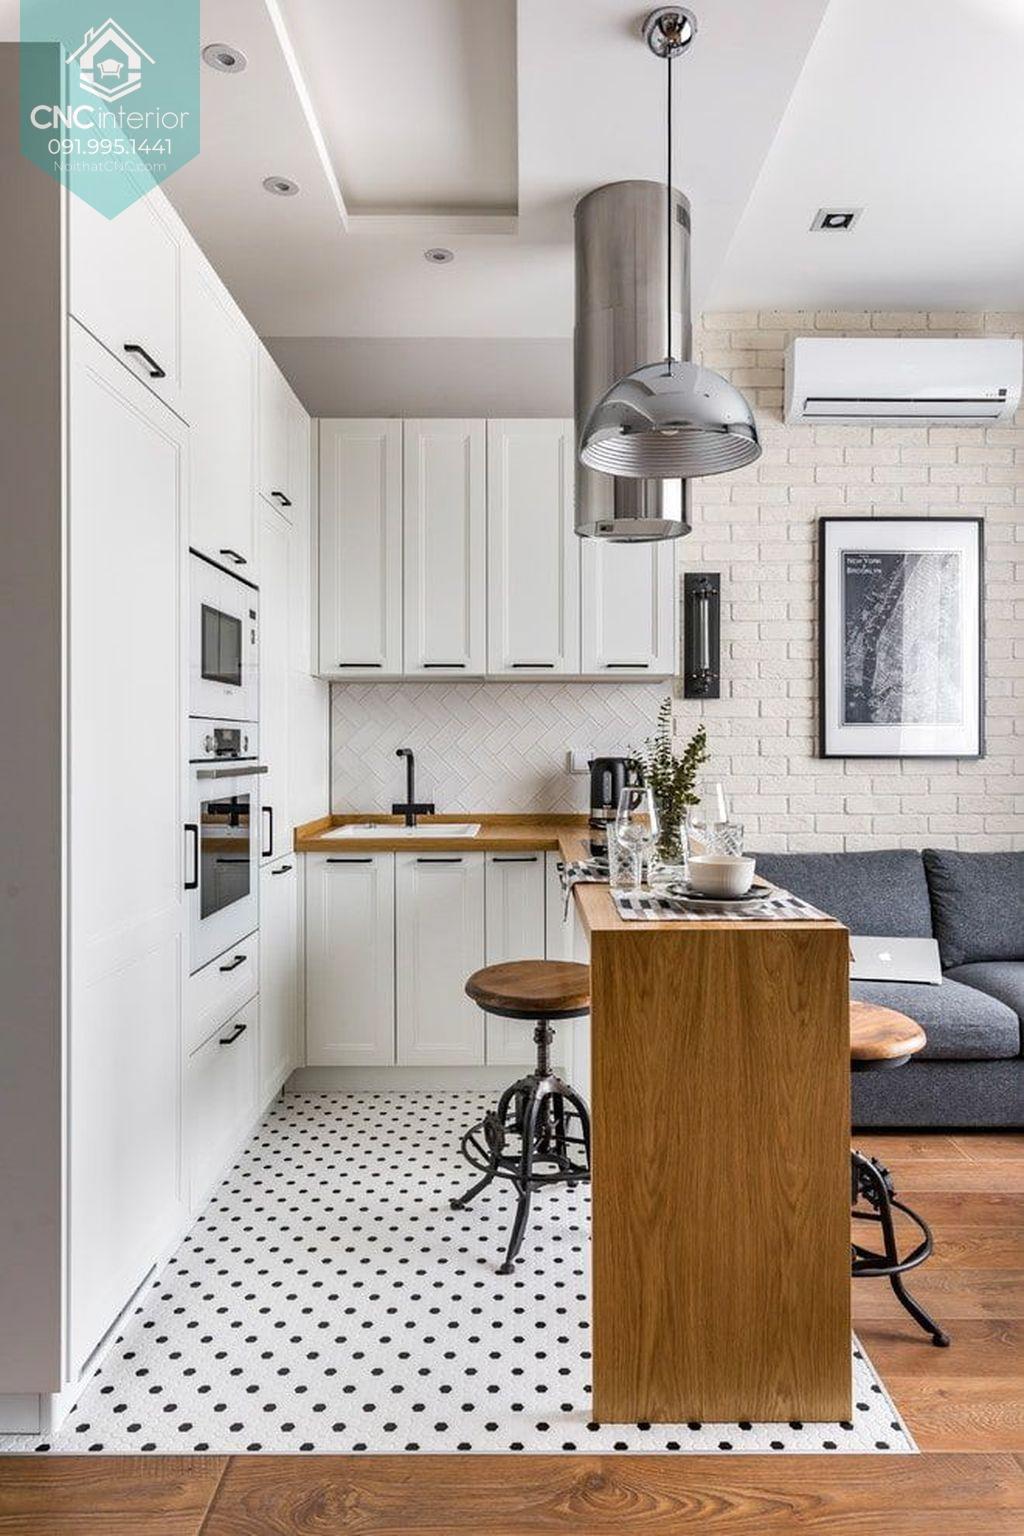 Quầy bar gỗ giúp tách biệt nhà bếp liền phòng khách